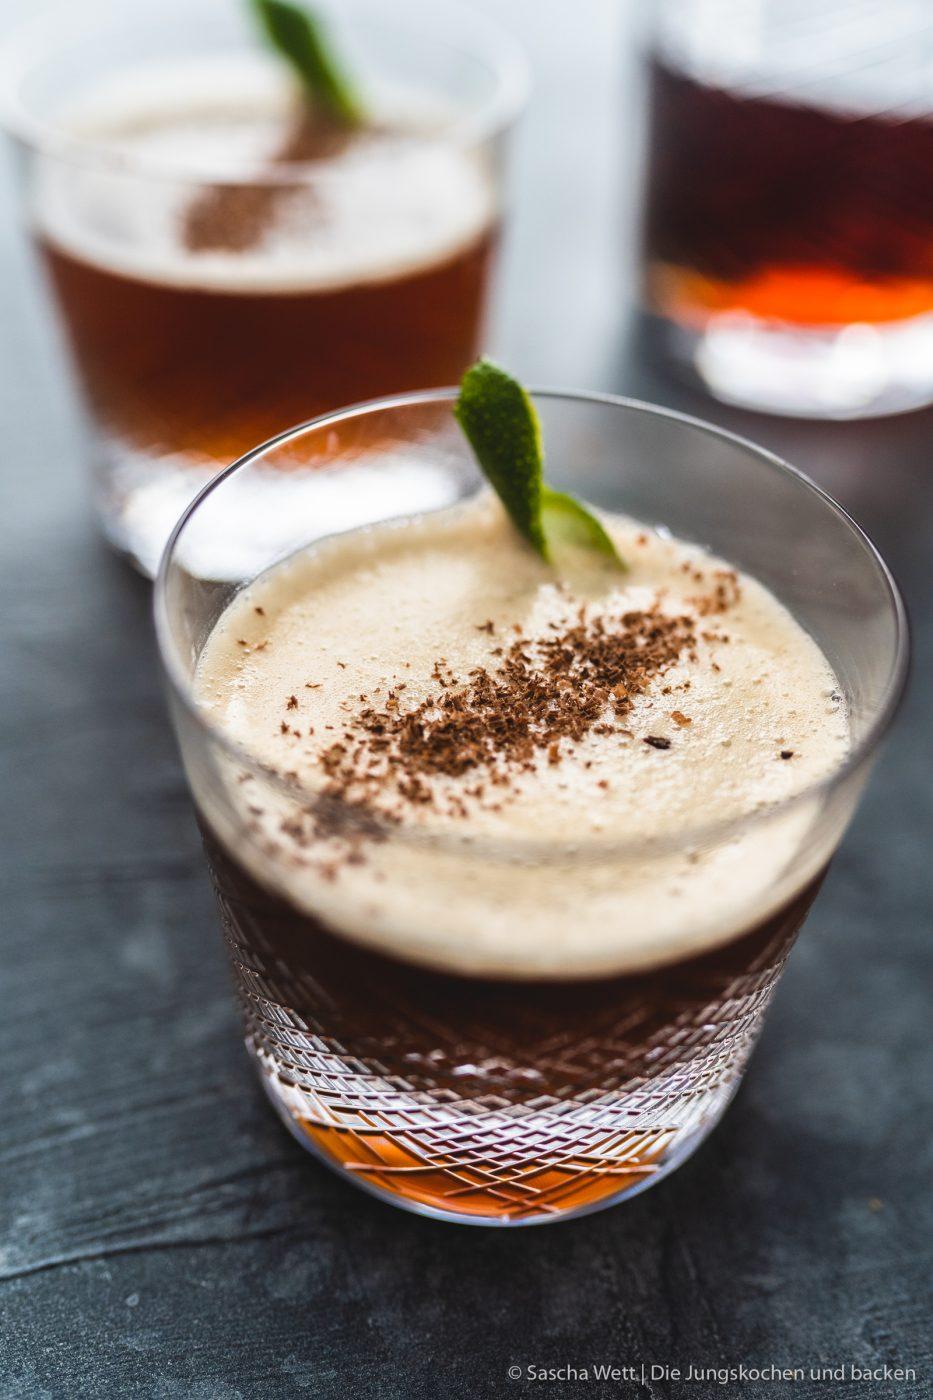 Coffee meets Caribian Realness Zwiesel Drink 7 | Zum mittlerweile dritten Mal in Folge lassen wir an Silvester für euch unser Jahr Revue passieren! Dabei merken wir immer wieder, wie viel man eigentlich schon wieder vergessen hat. Aber auch, wie unglaublich viel in einem Jahr passieren kann. In diesem Jahr hat Feed Me Up Before You Go-Go eingeladen und dem Ruf folgen wir mehr als gerne - also kommt hier der große Jahresrückblick, unsere #FOODBLOGBILANZ2019